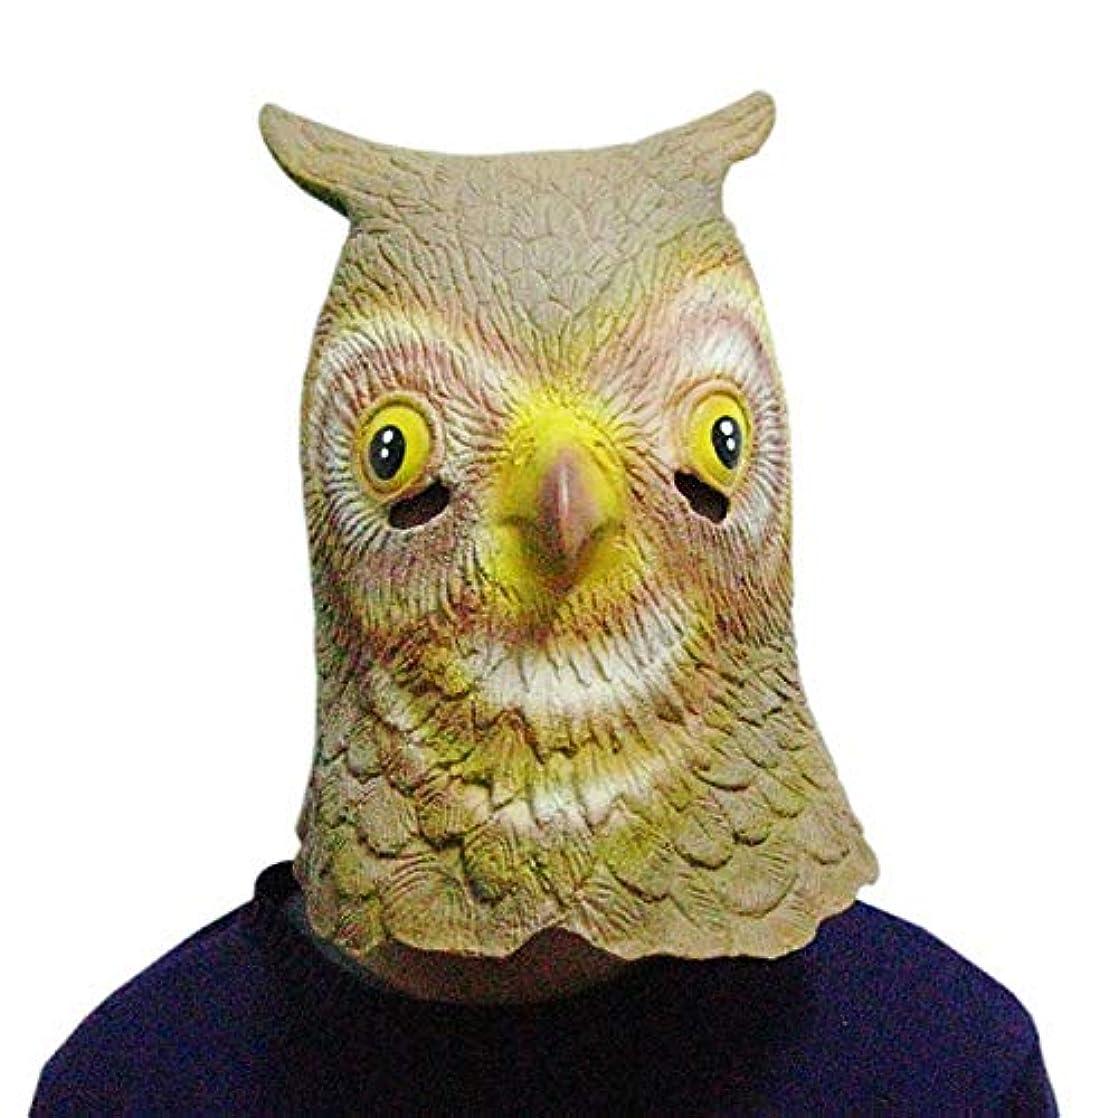 バイソン懇願する確認フクロウマスクヘッドカバー動物ヘッドカバーマスクハロウィンカーニバルコスプレパーティーファニーマスク